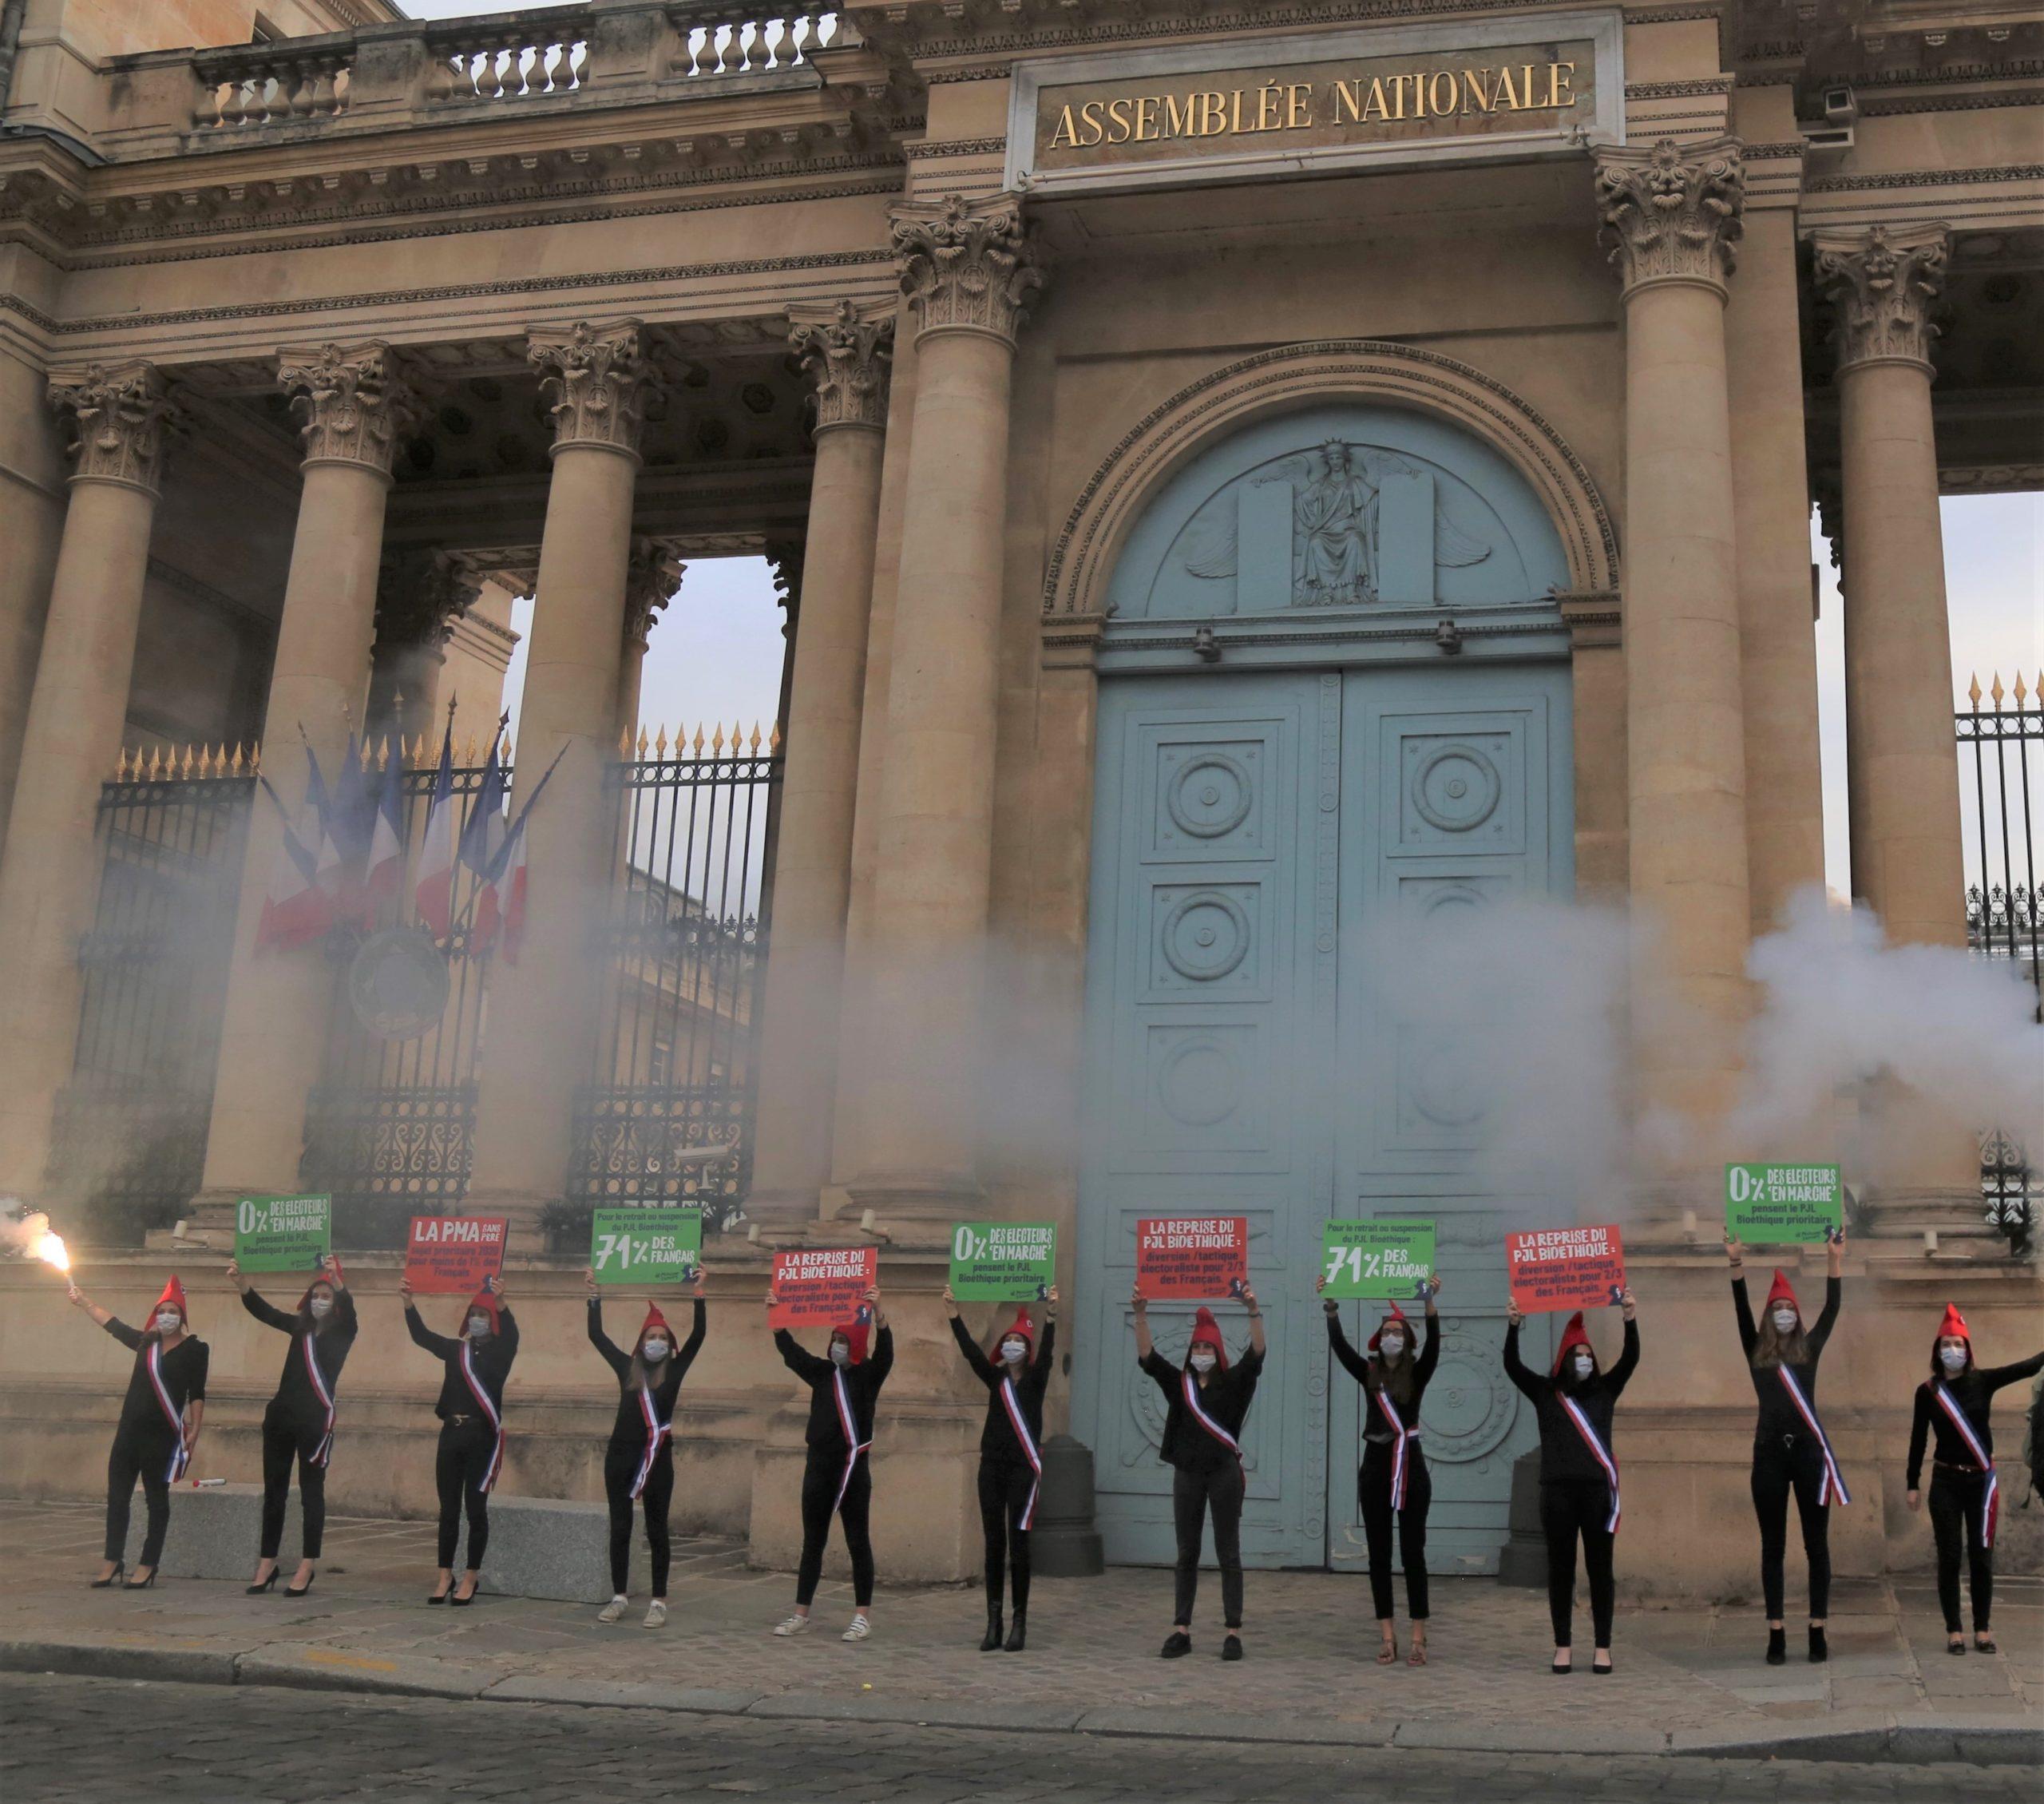 Image - Bioéthique : le gouvernement tente de passer en catimini, Marchons Enfants réplique devant l'Assemblée Nationale.